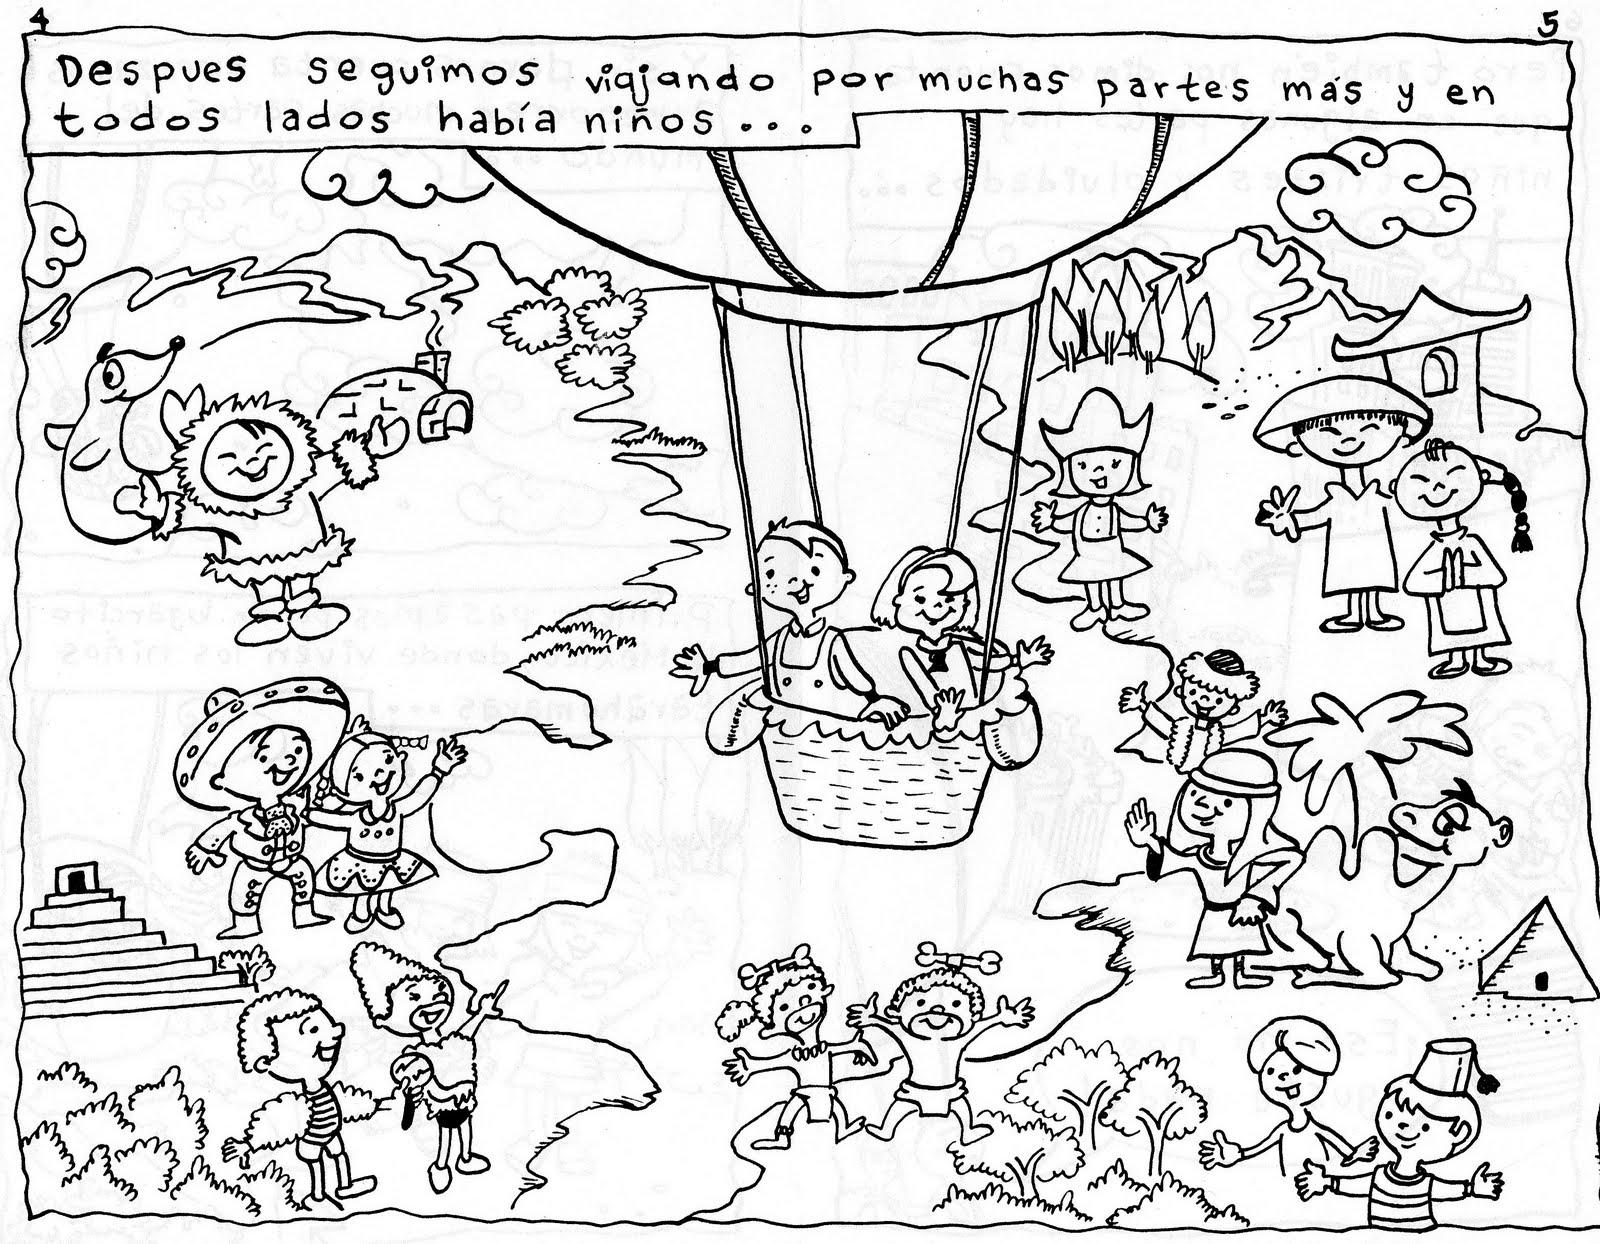 Tony Garabato Caricaturista: Algunas Ilustraciones De Un